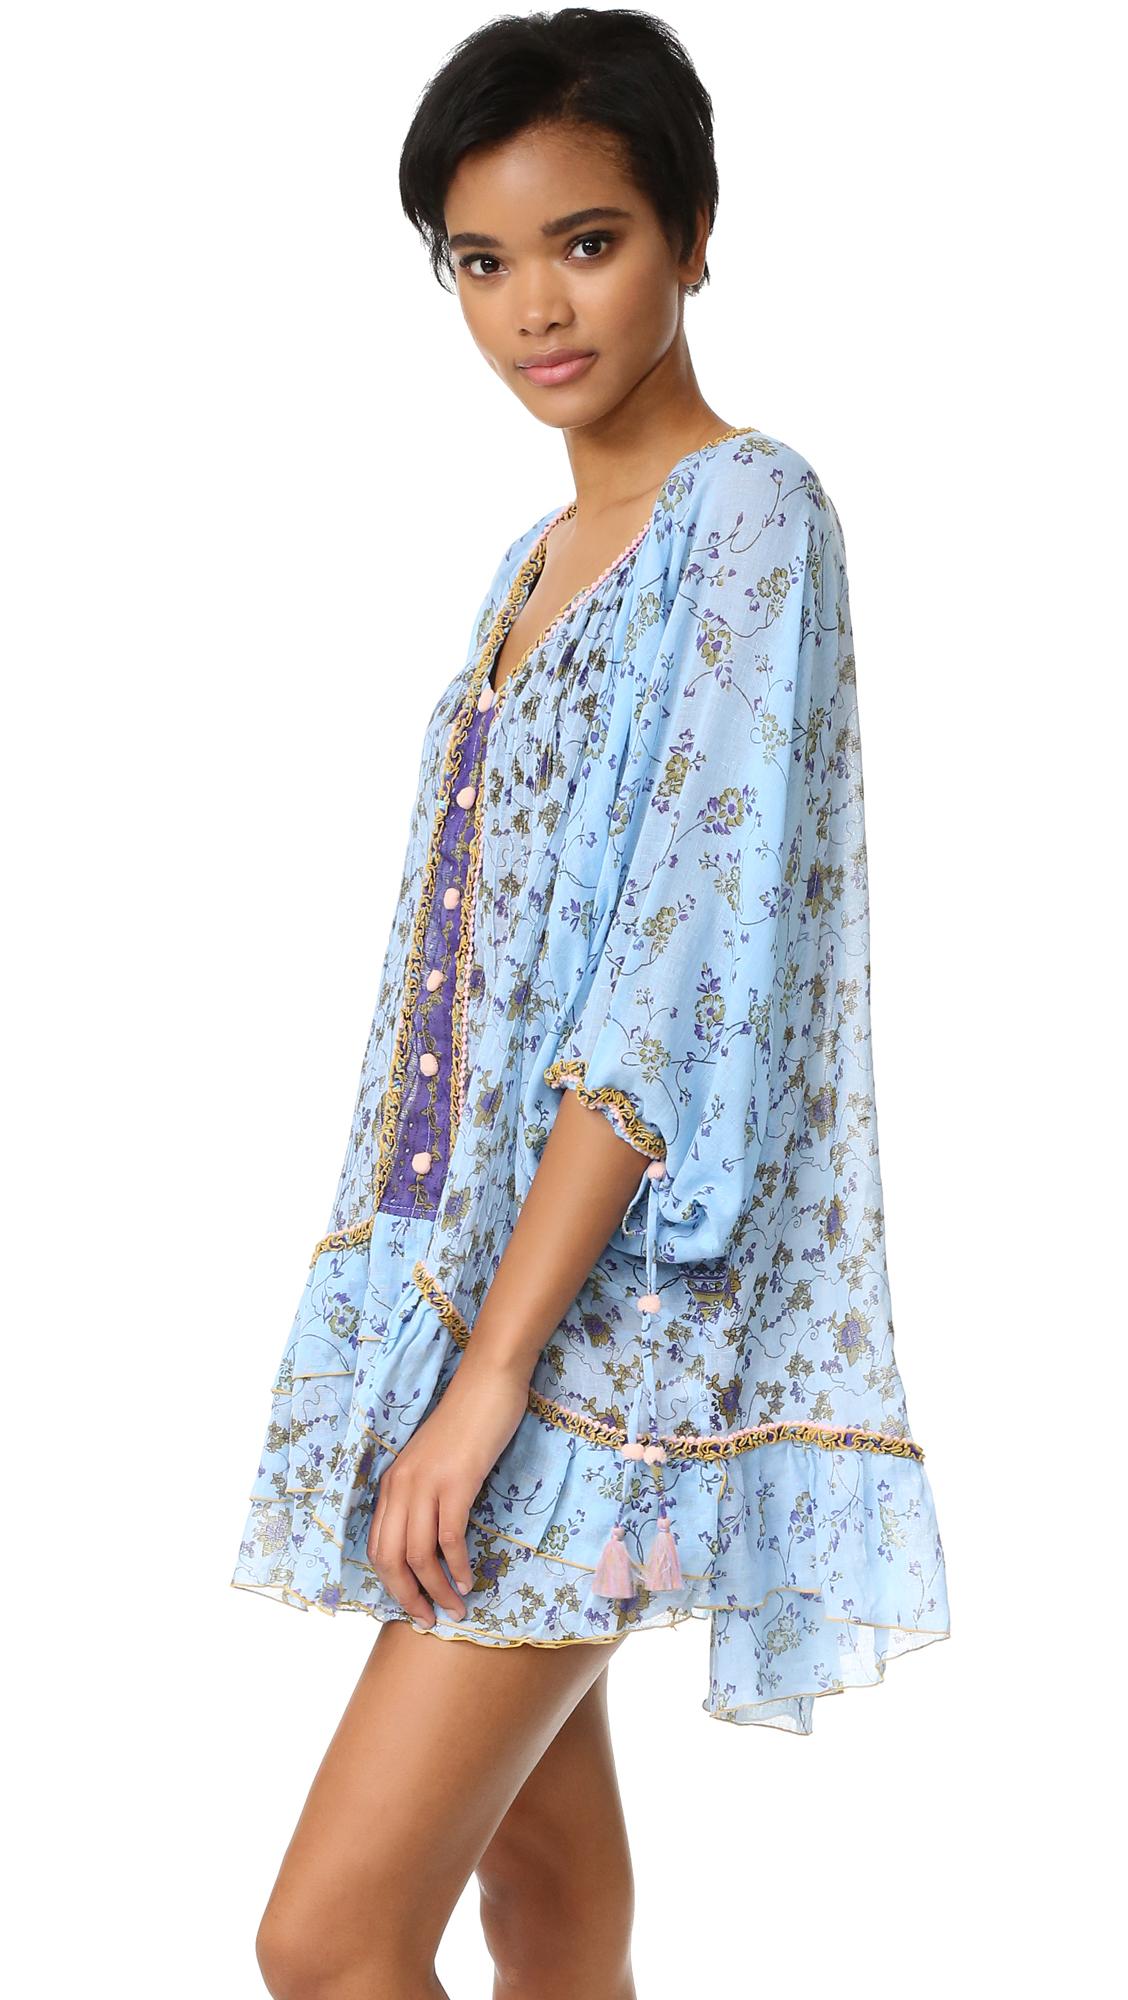 9445abeed35 Poupette St Barth Bobo Poncho Dress